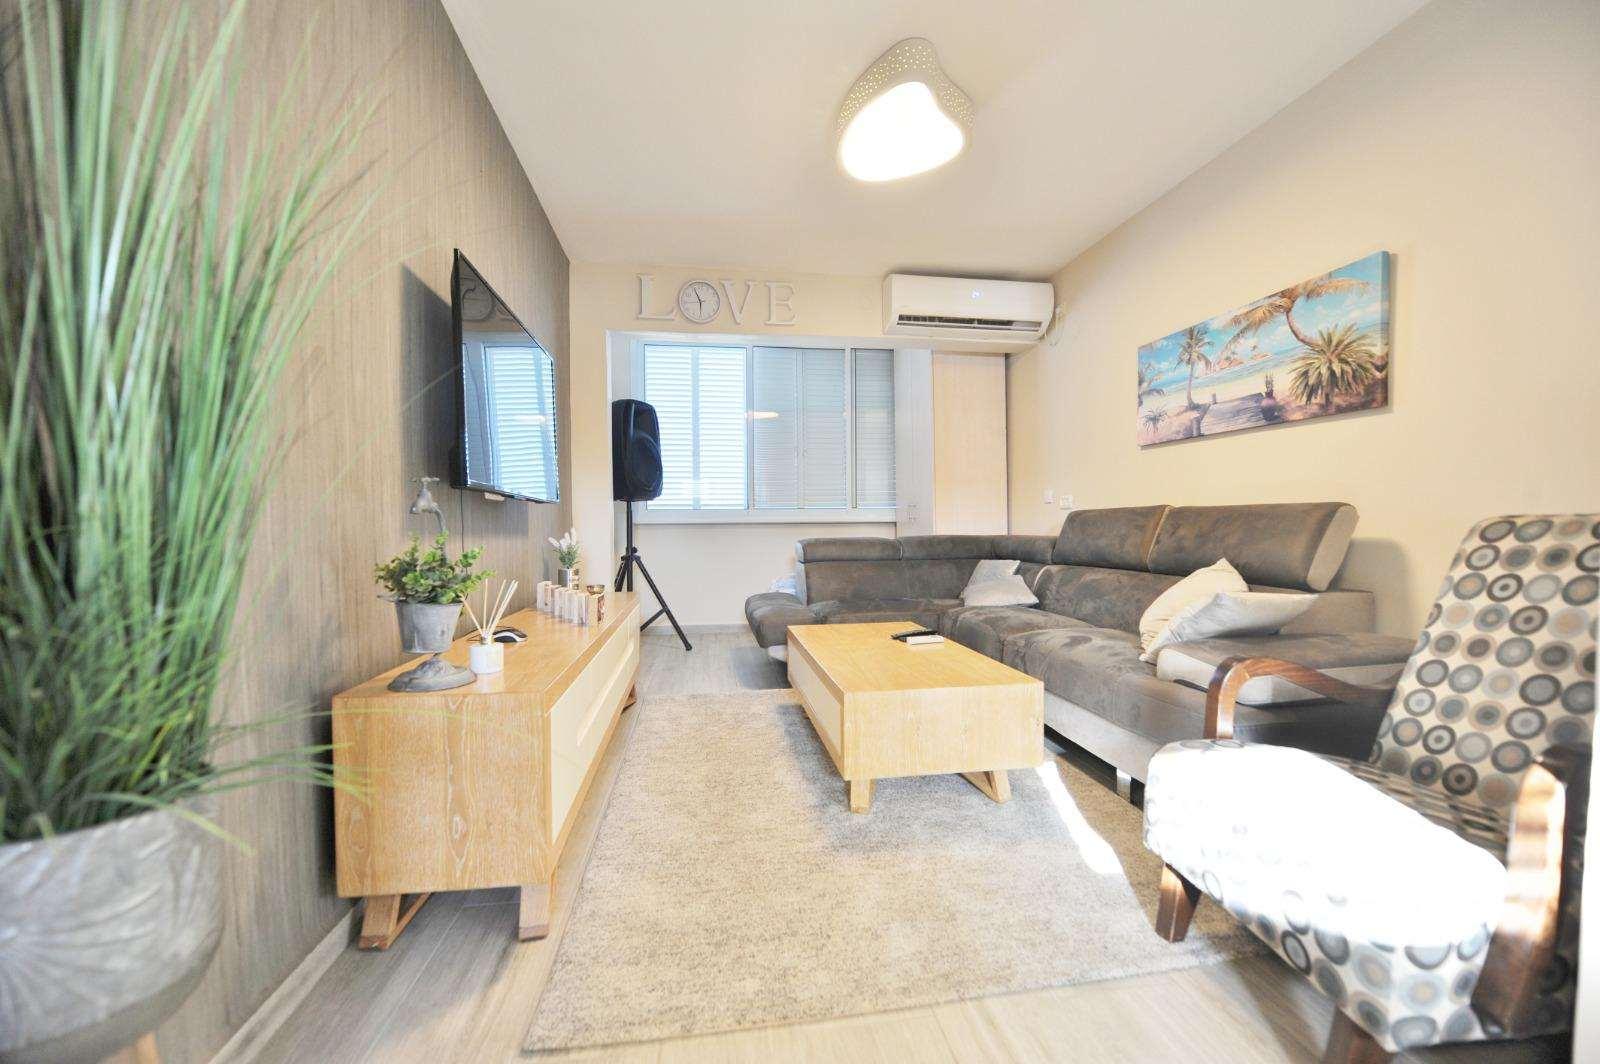 דירה להשכרה 2 חדרים באור יהודה דגניה ההסתדרות